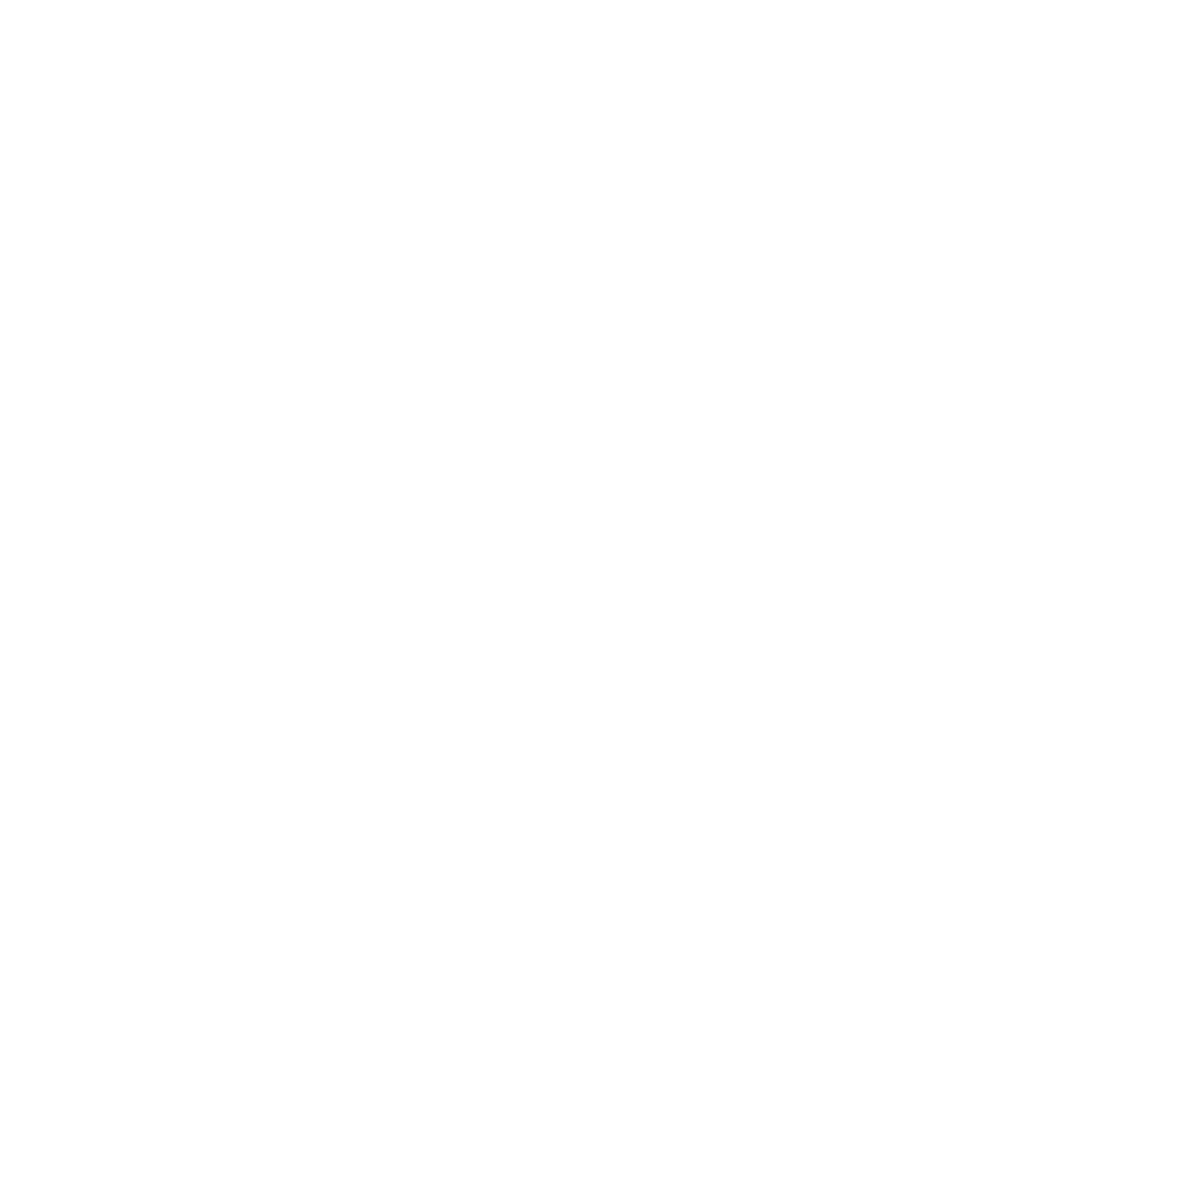 noun_Star Client_1638148_ffffff